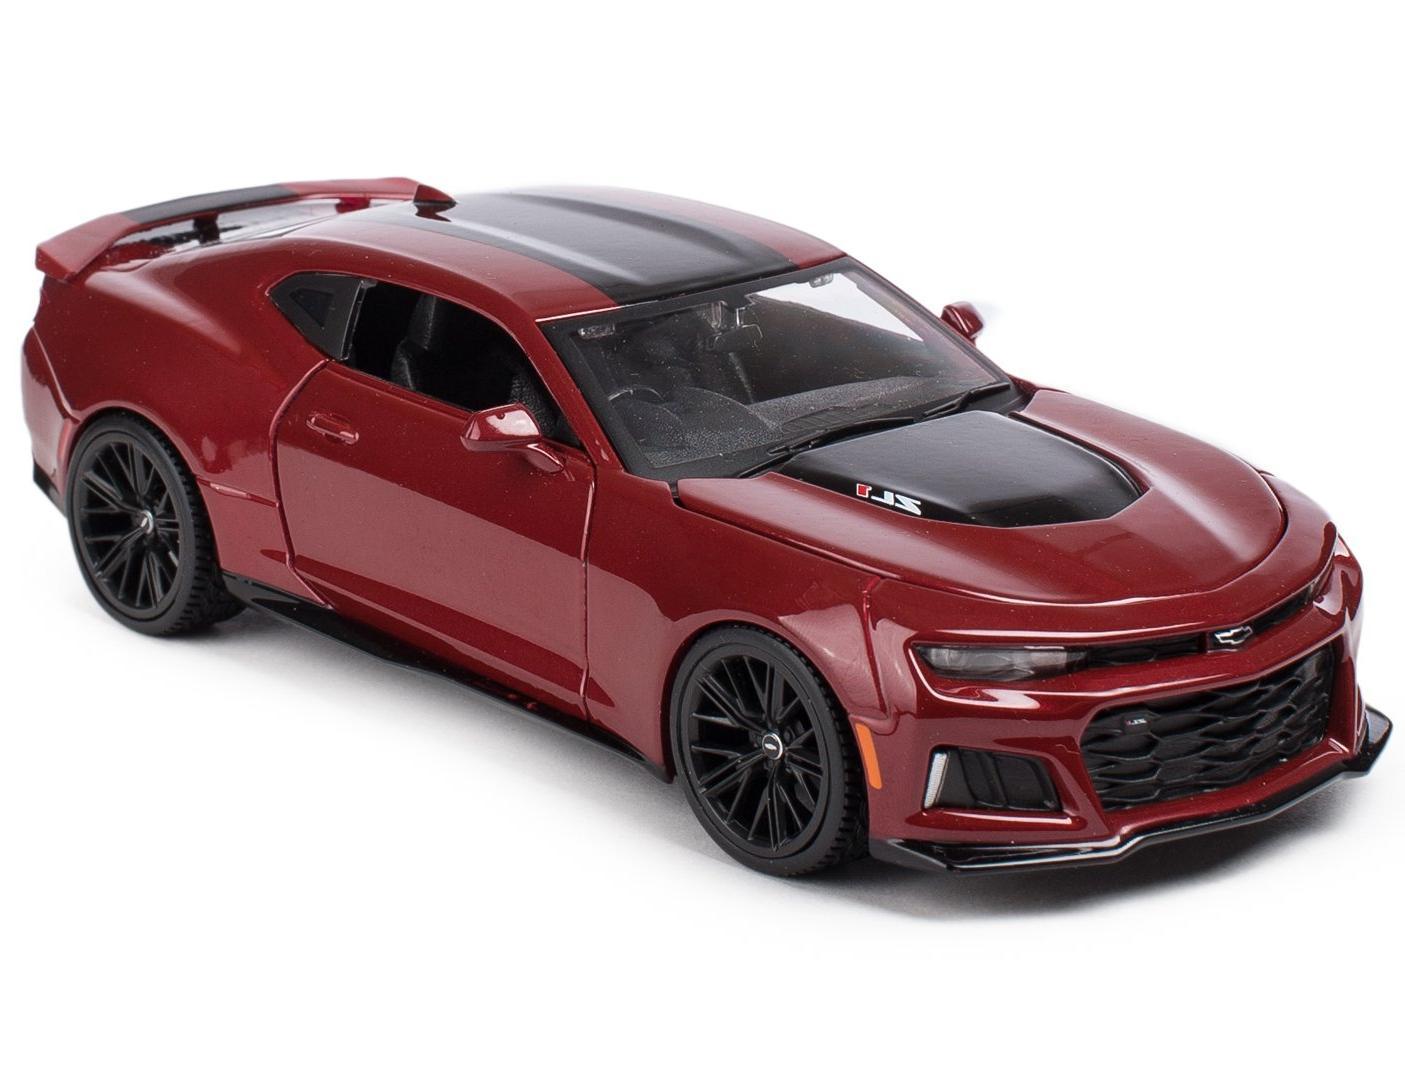 Купить Машинка Maisto 1:24 Chevrolet Camaro ZL1 2017 года, красная, Коллекционные модели